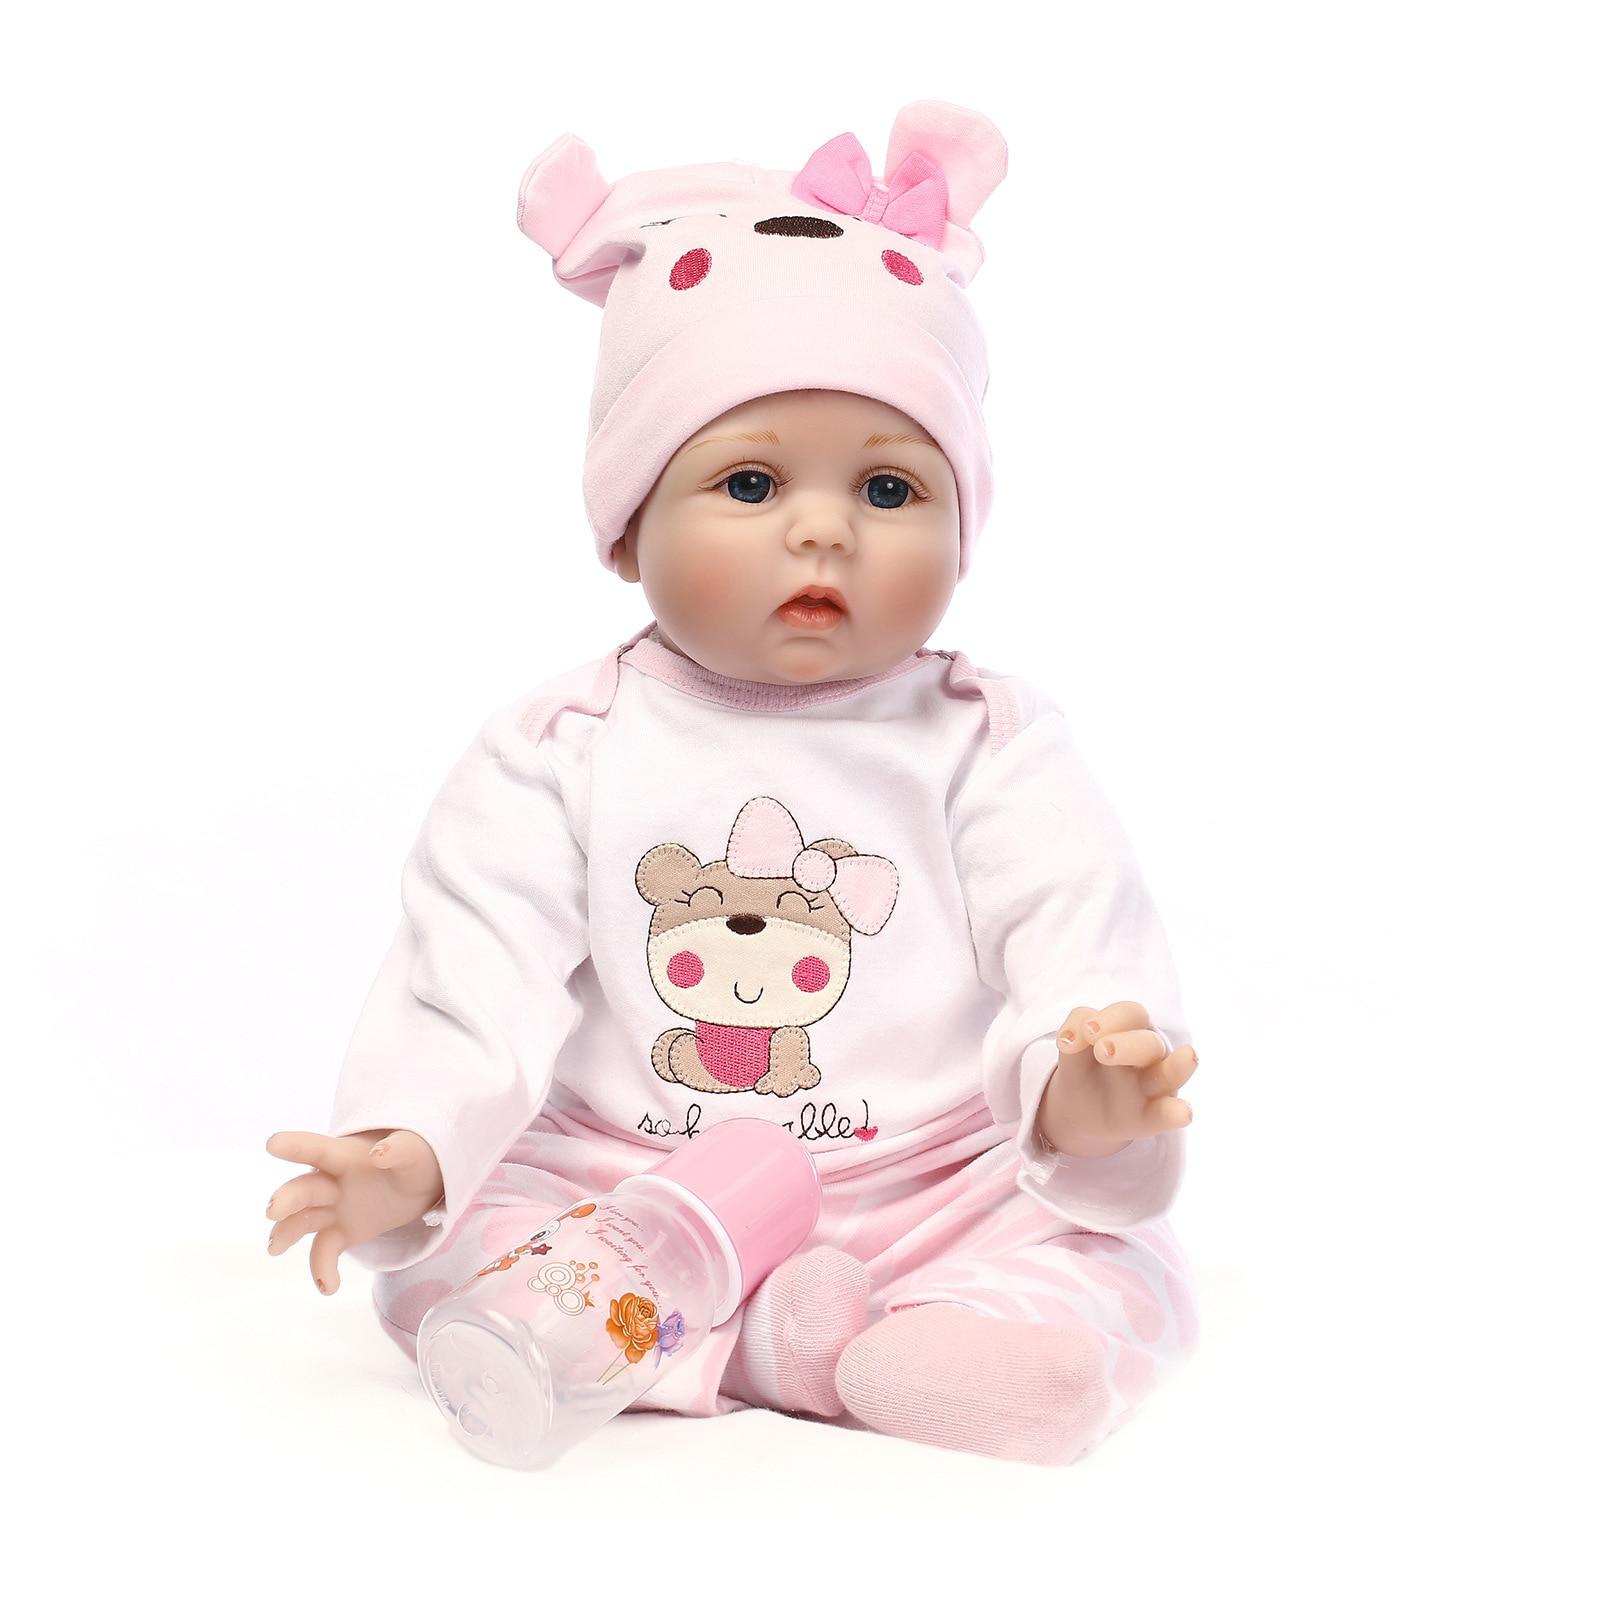 Vinilo de Silicona Suave 55 cm Reborn Baby Girl Doll Appease Muñecas - Muñecas y accesorios - foto 2